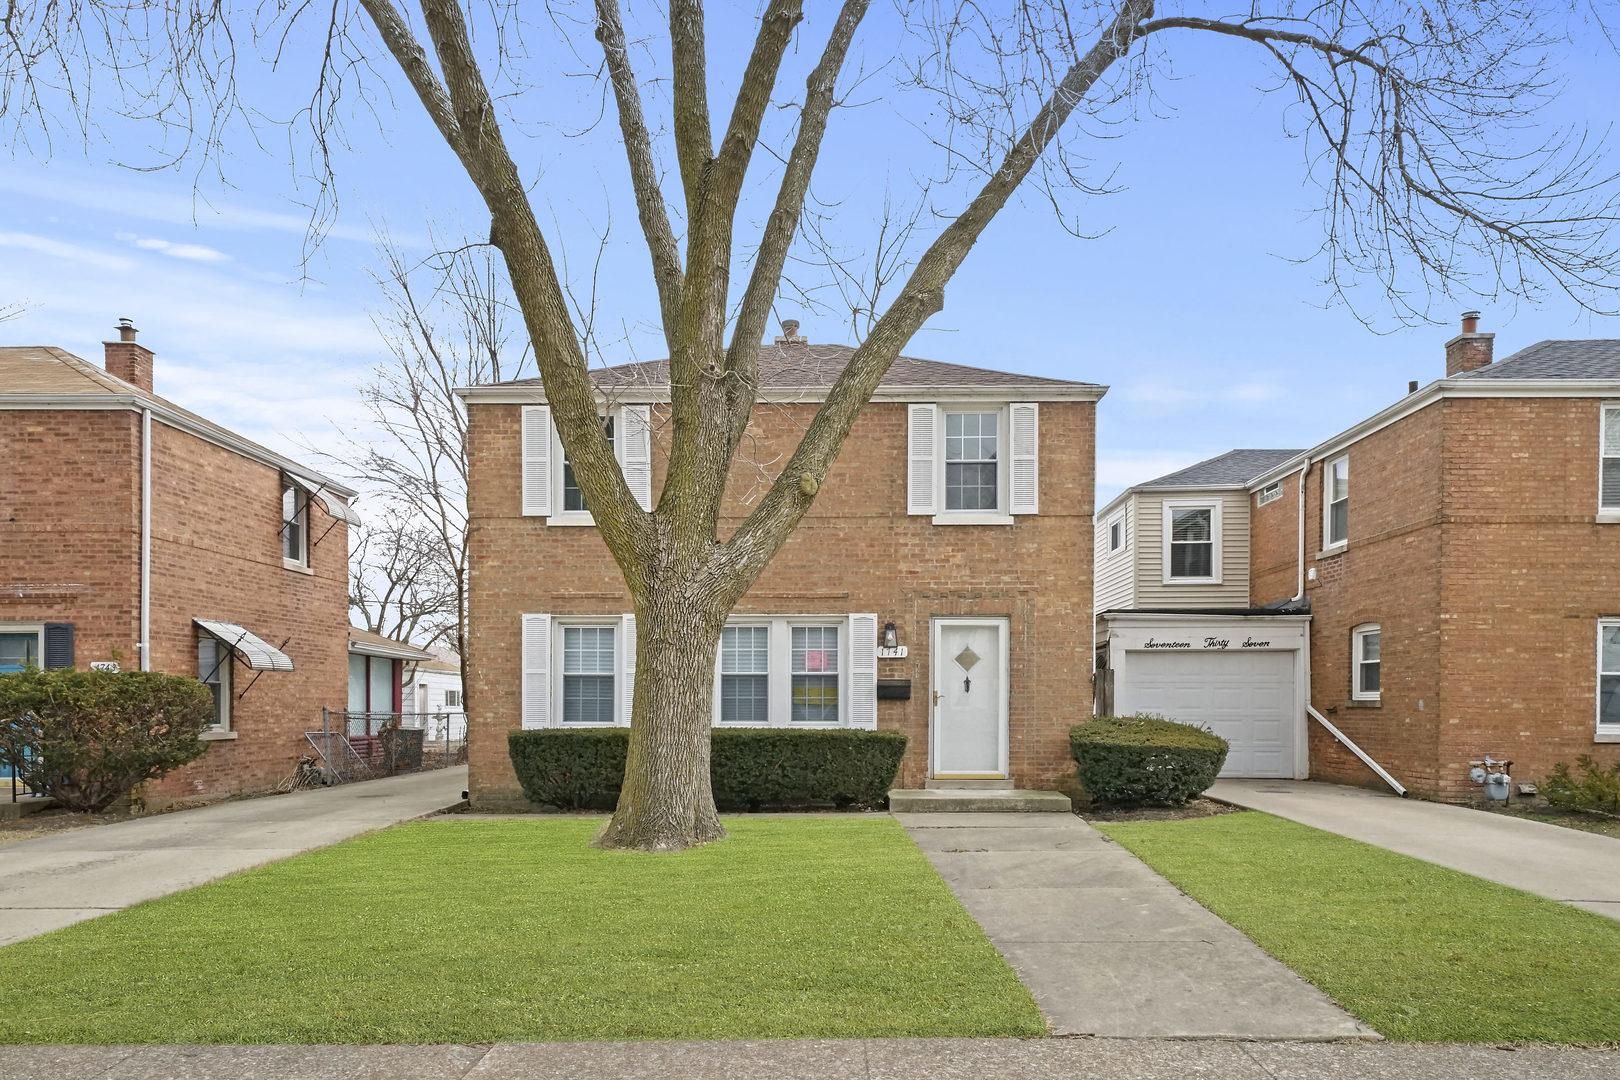 1741 N 73rd Court, Elmwood Park IL 60707